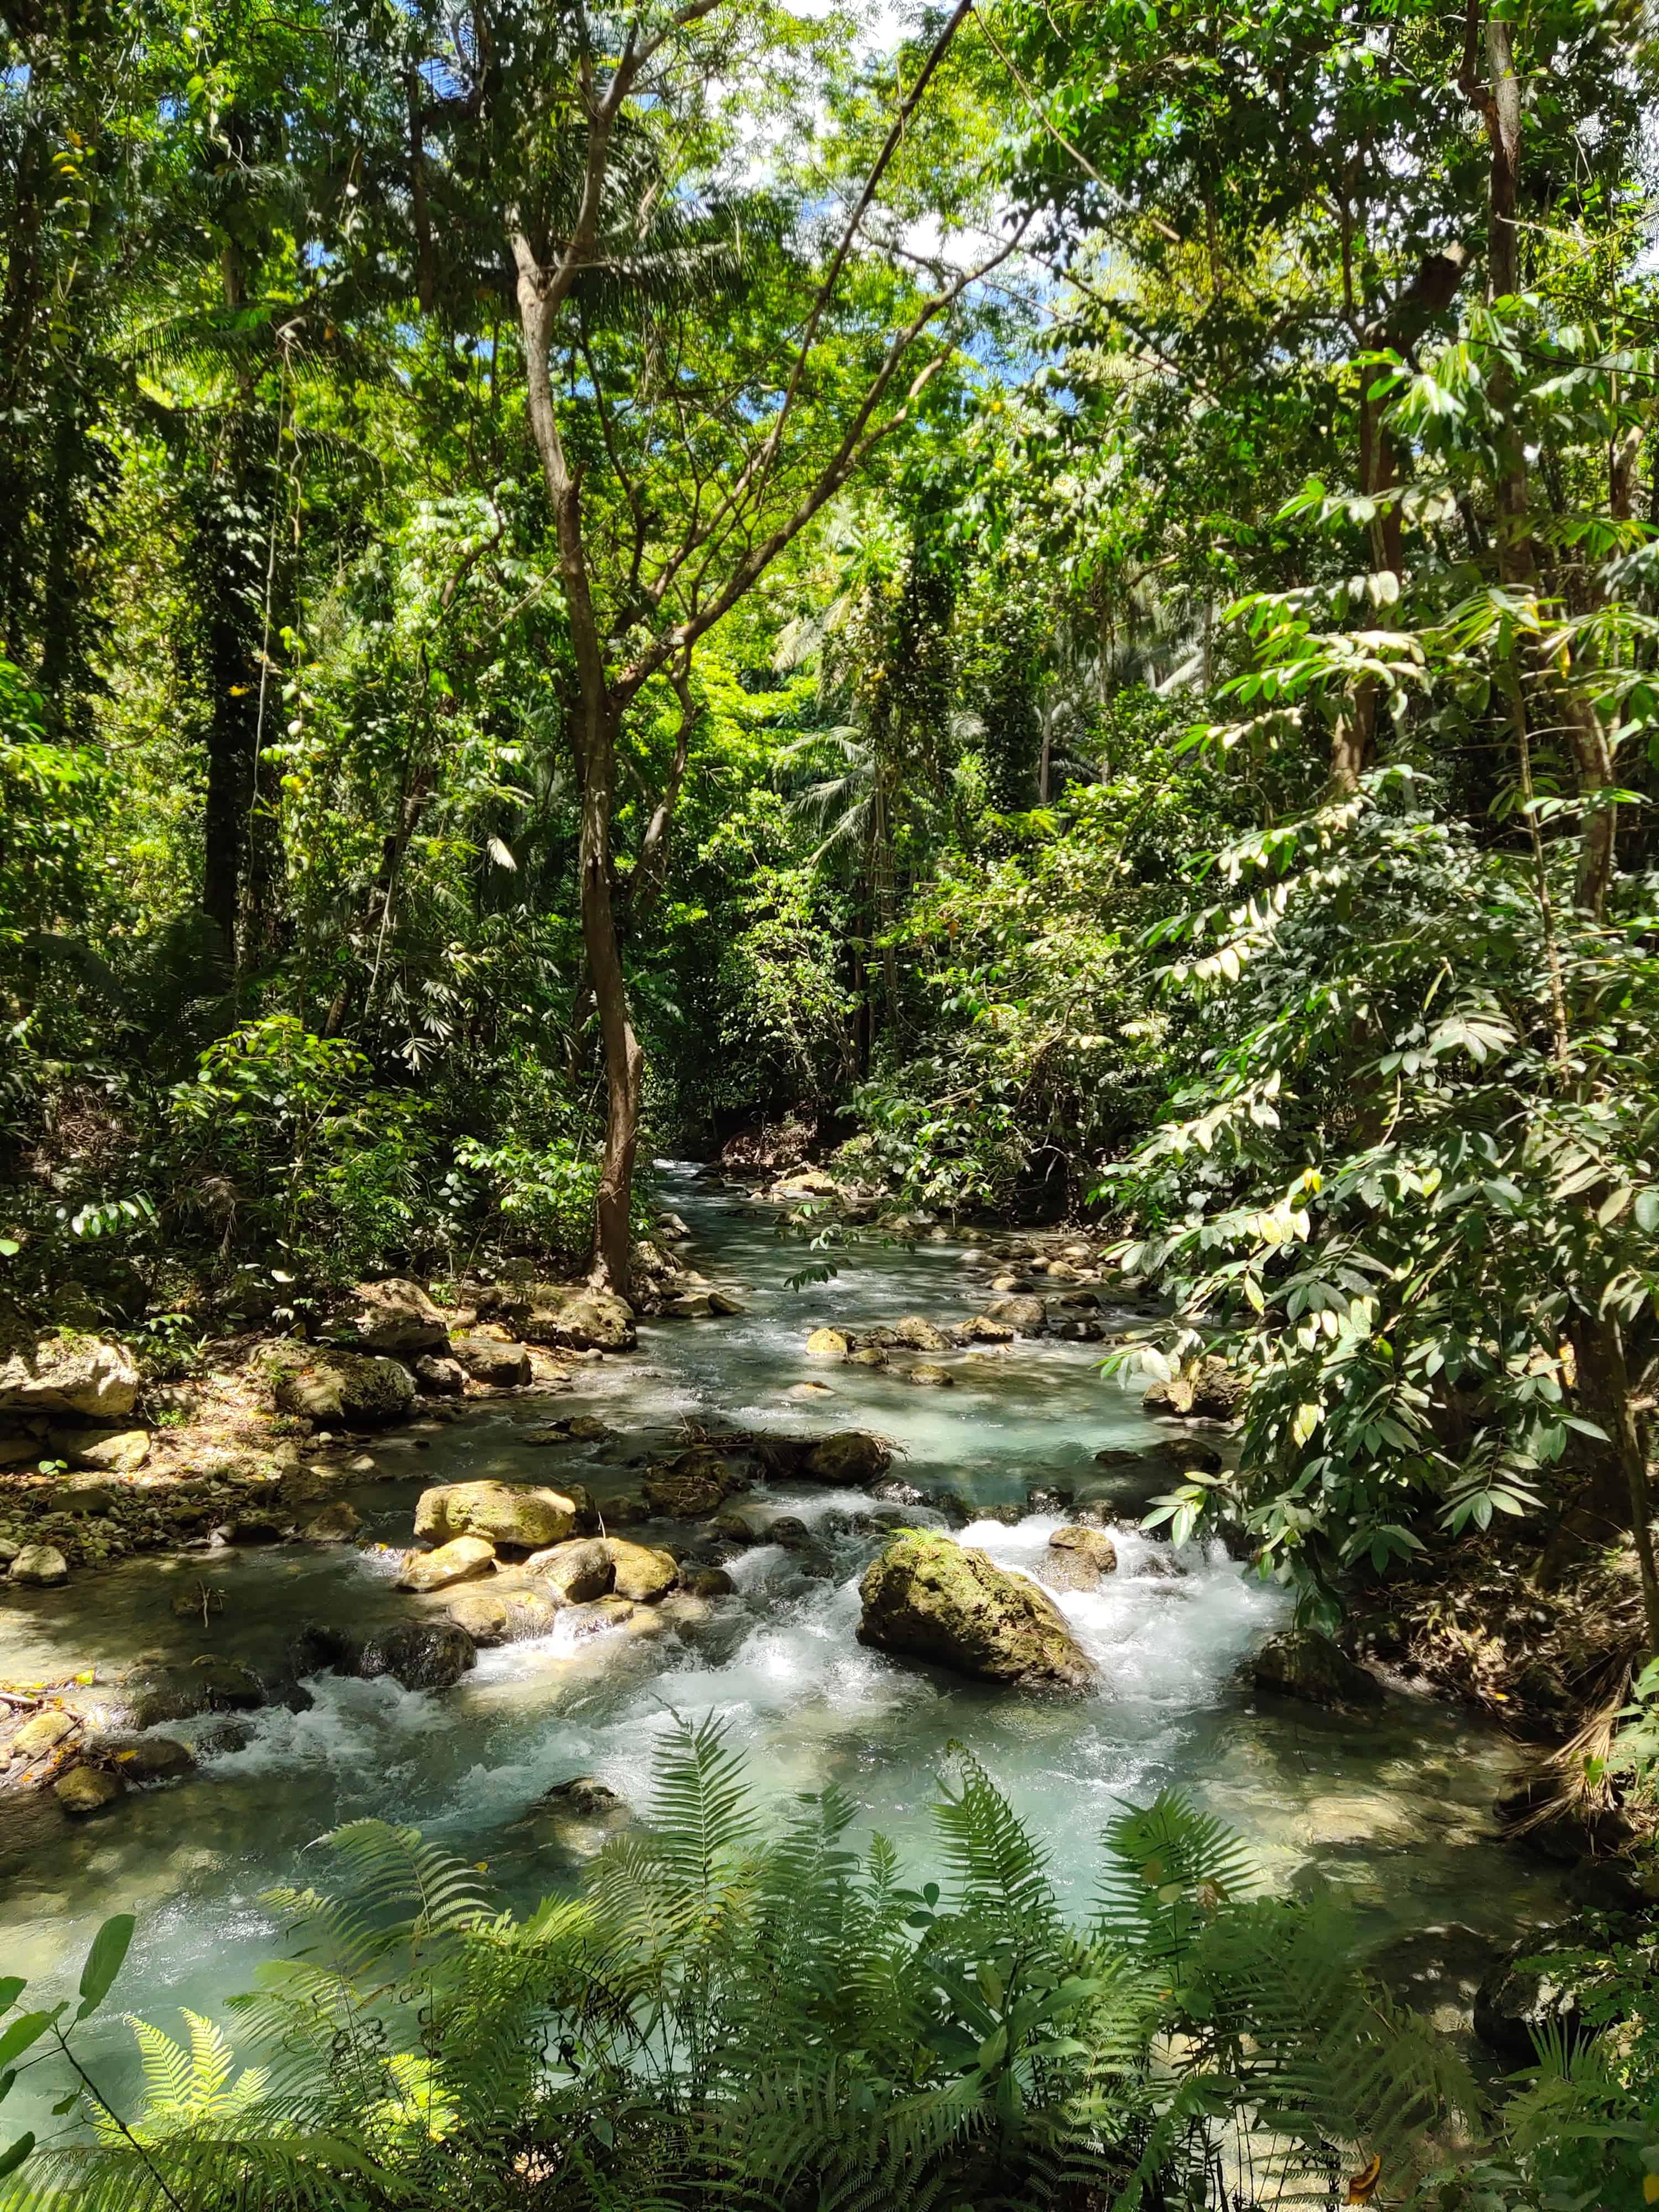 Malerischer Fluss - ©fritz-gabriel-carilo via Unsplash